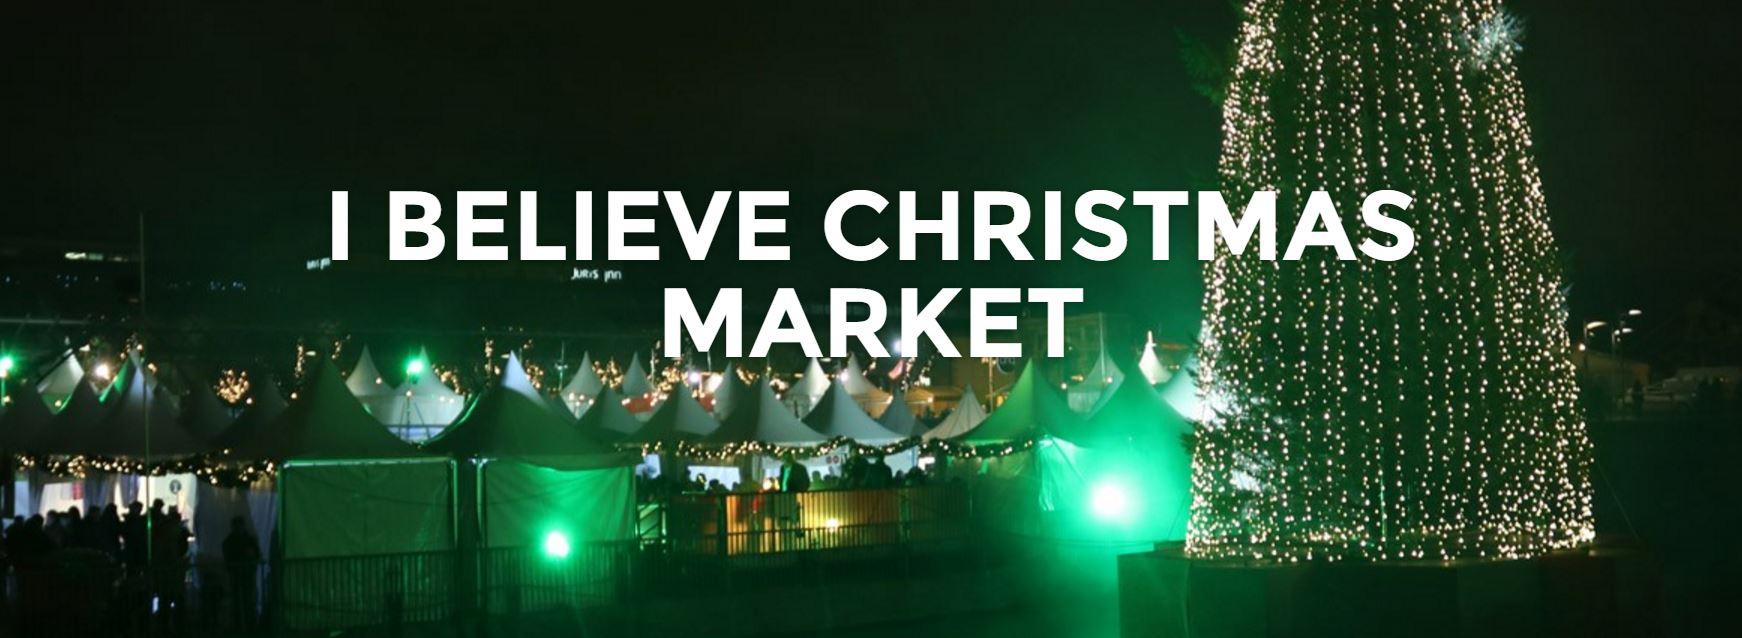 Mercado de navidad en 2016 en Dublin